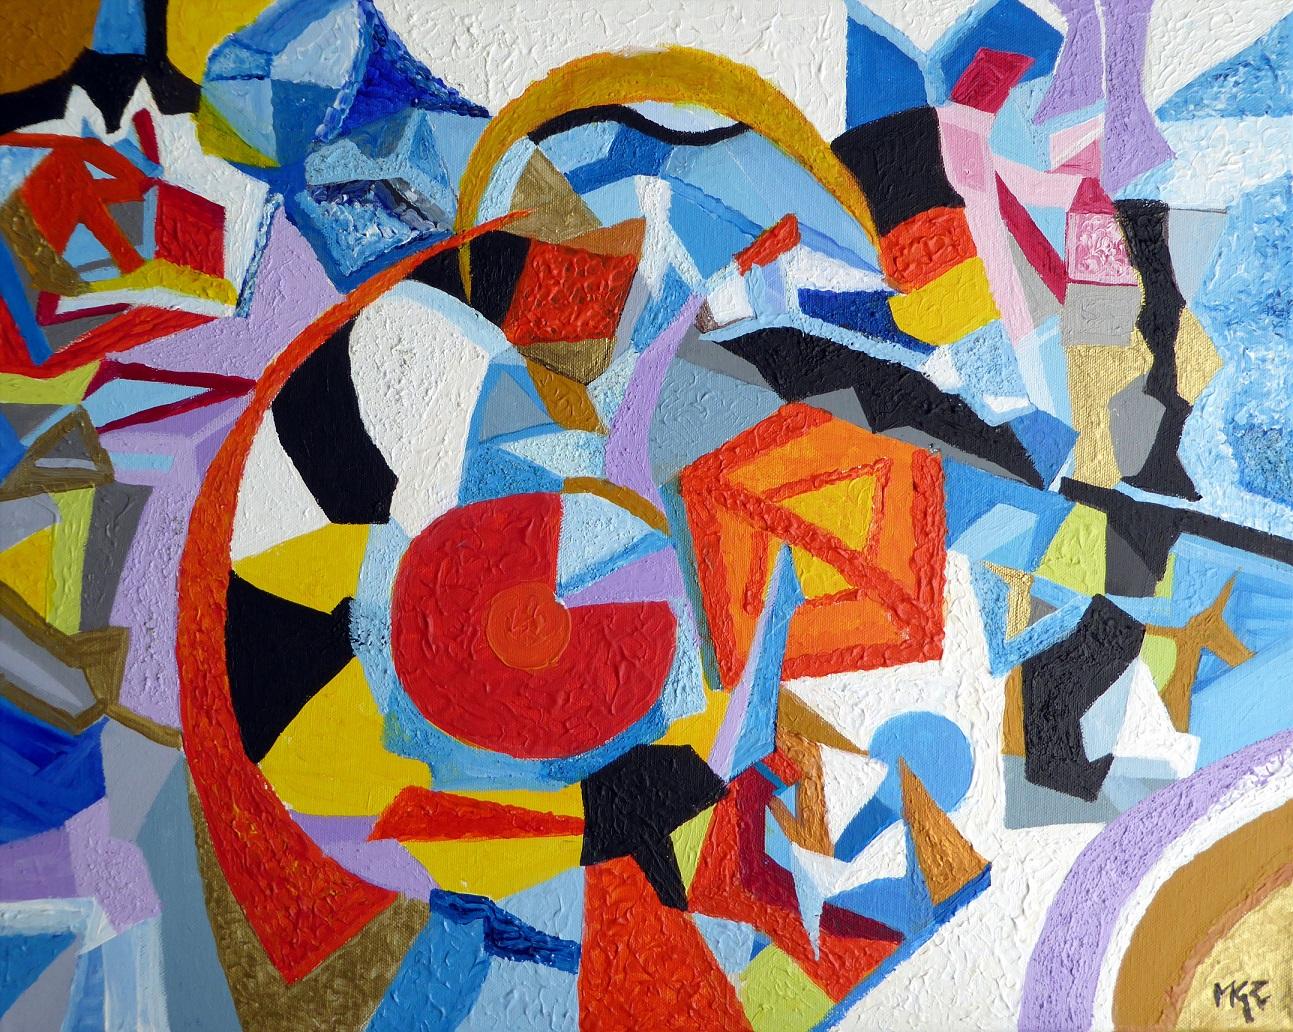 L'Angolo di Marta Lock: I mille colori dell'Astratto per raccontare la gioia di vivere di Mariagrazi